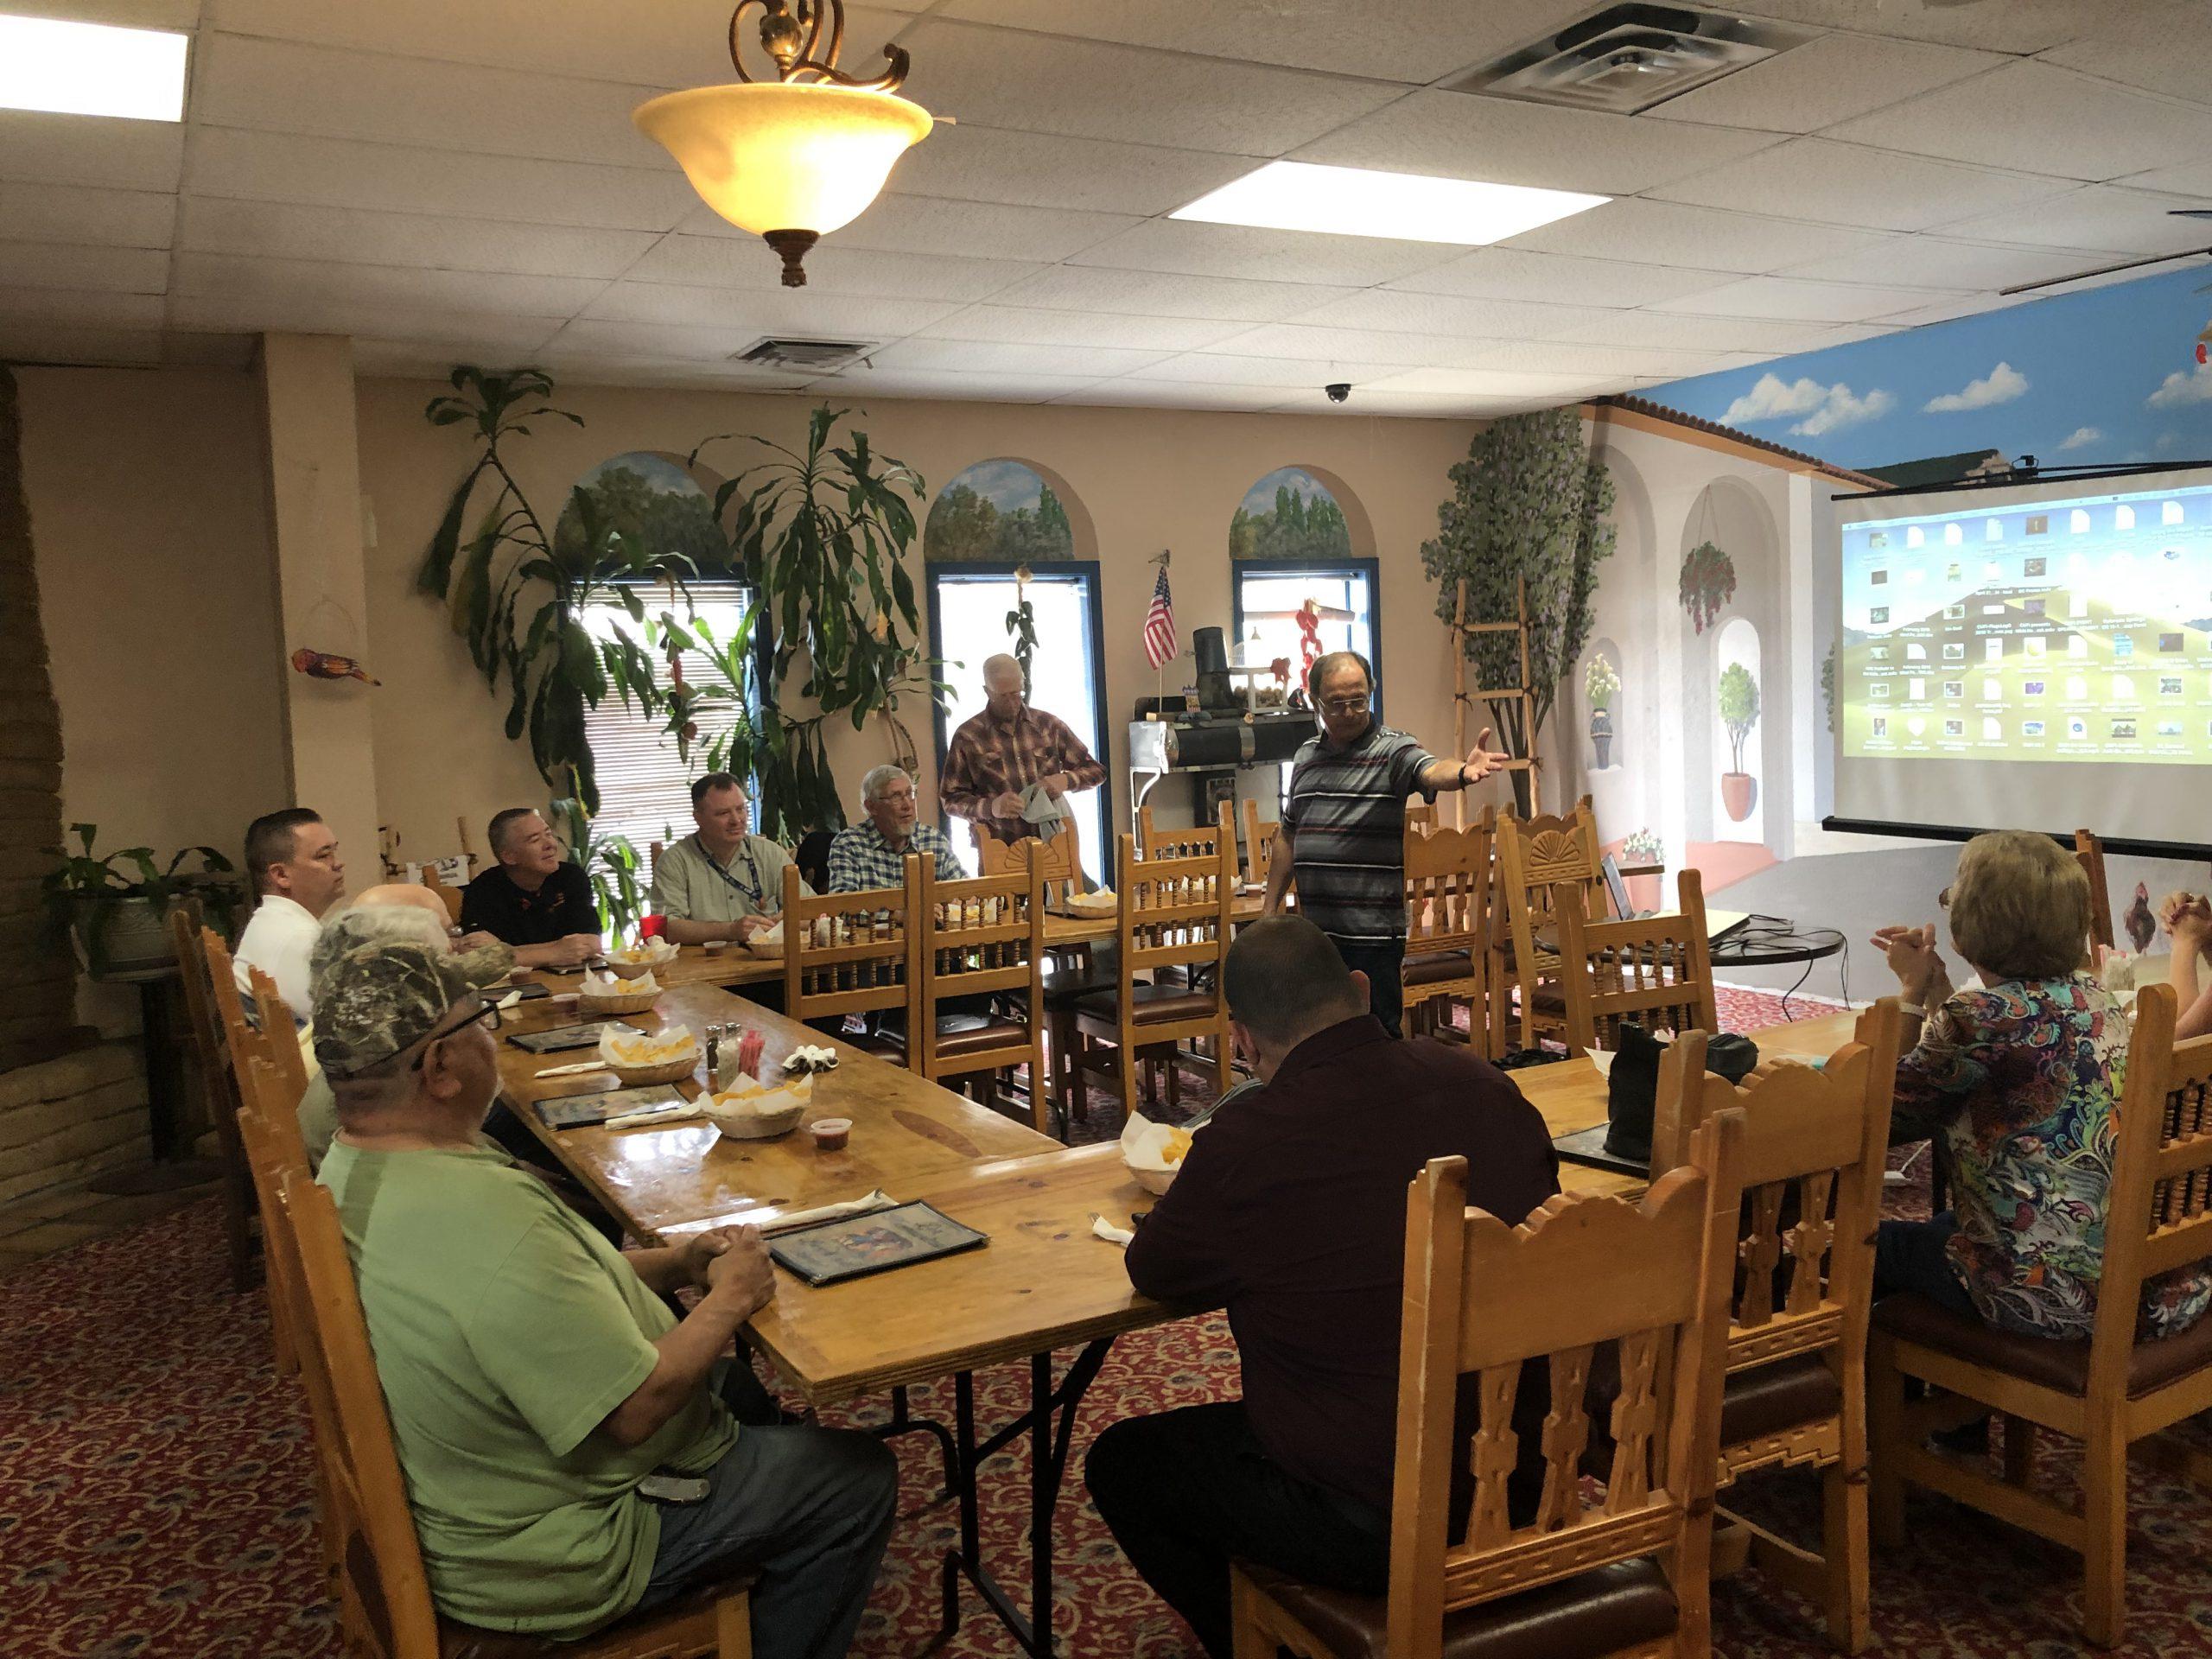 April 22 - Farmington, NM - Pastor's Lunch